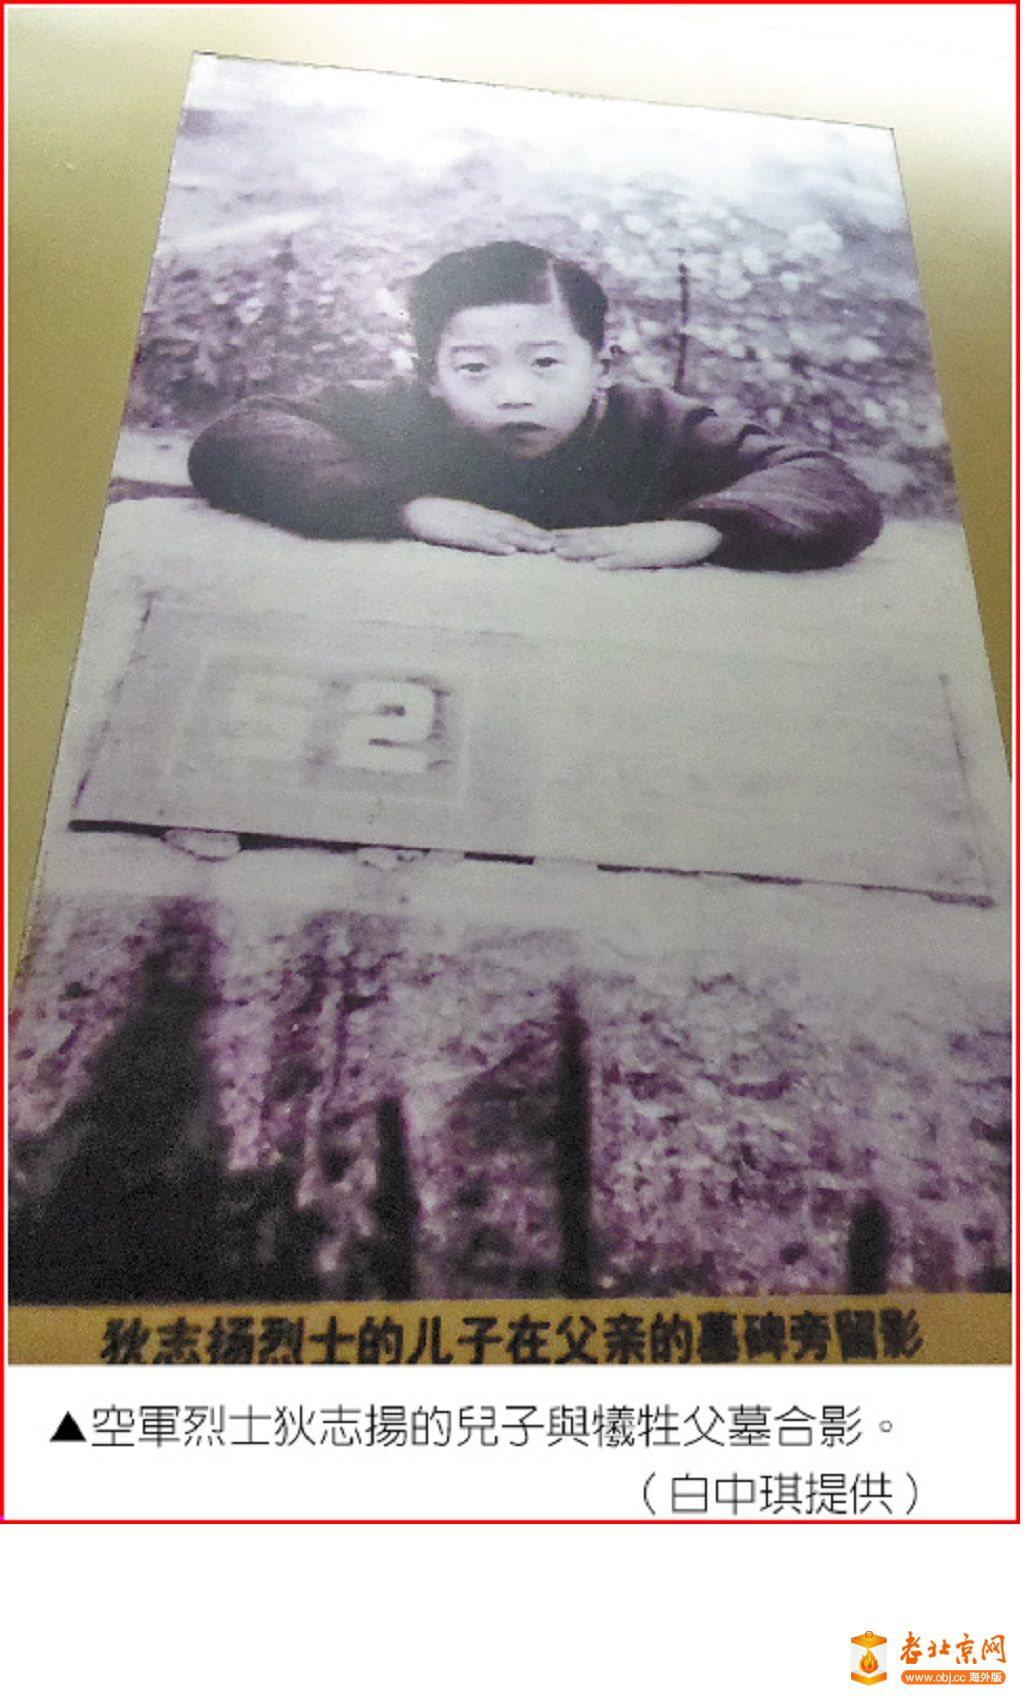 正义复位 记重庆汪山空军英烈  战争与和平(之一)